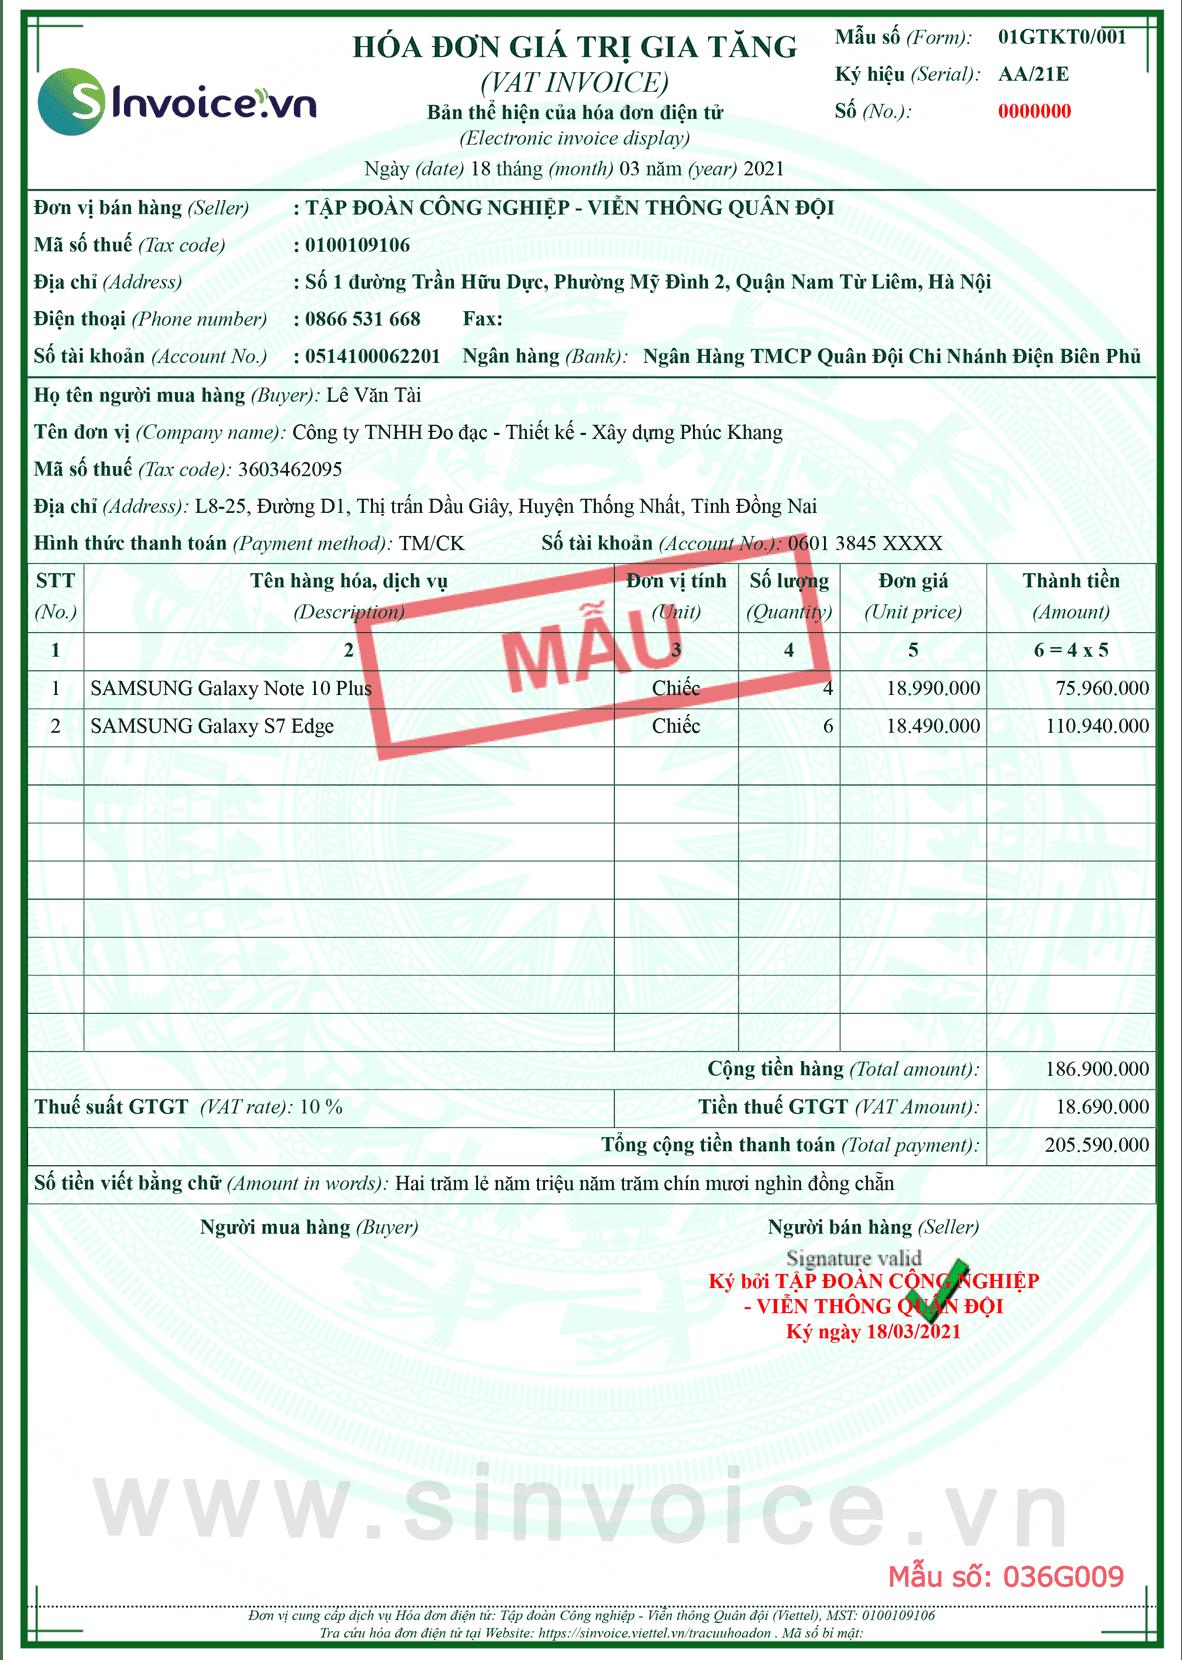 Mẫu hóa đơn điện tử số 036G009